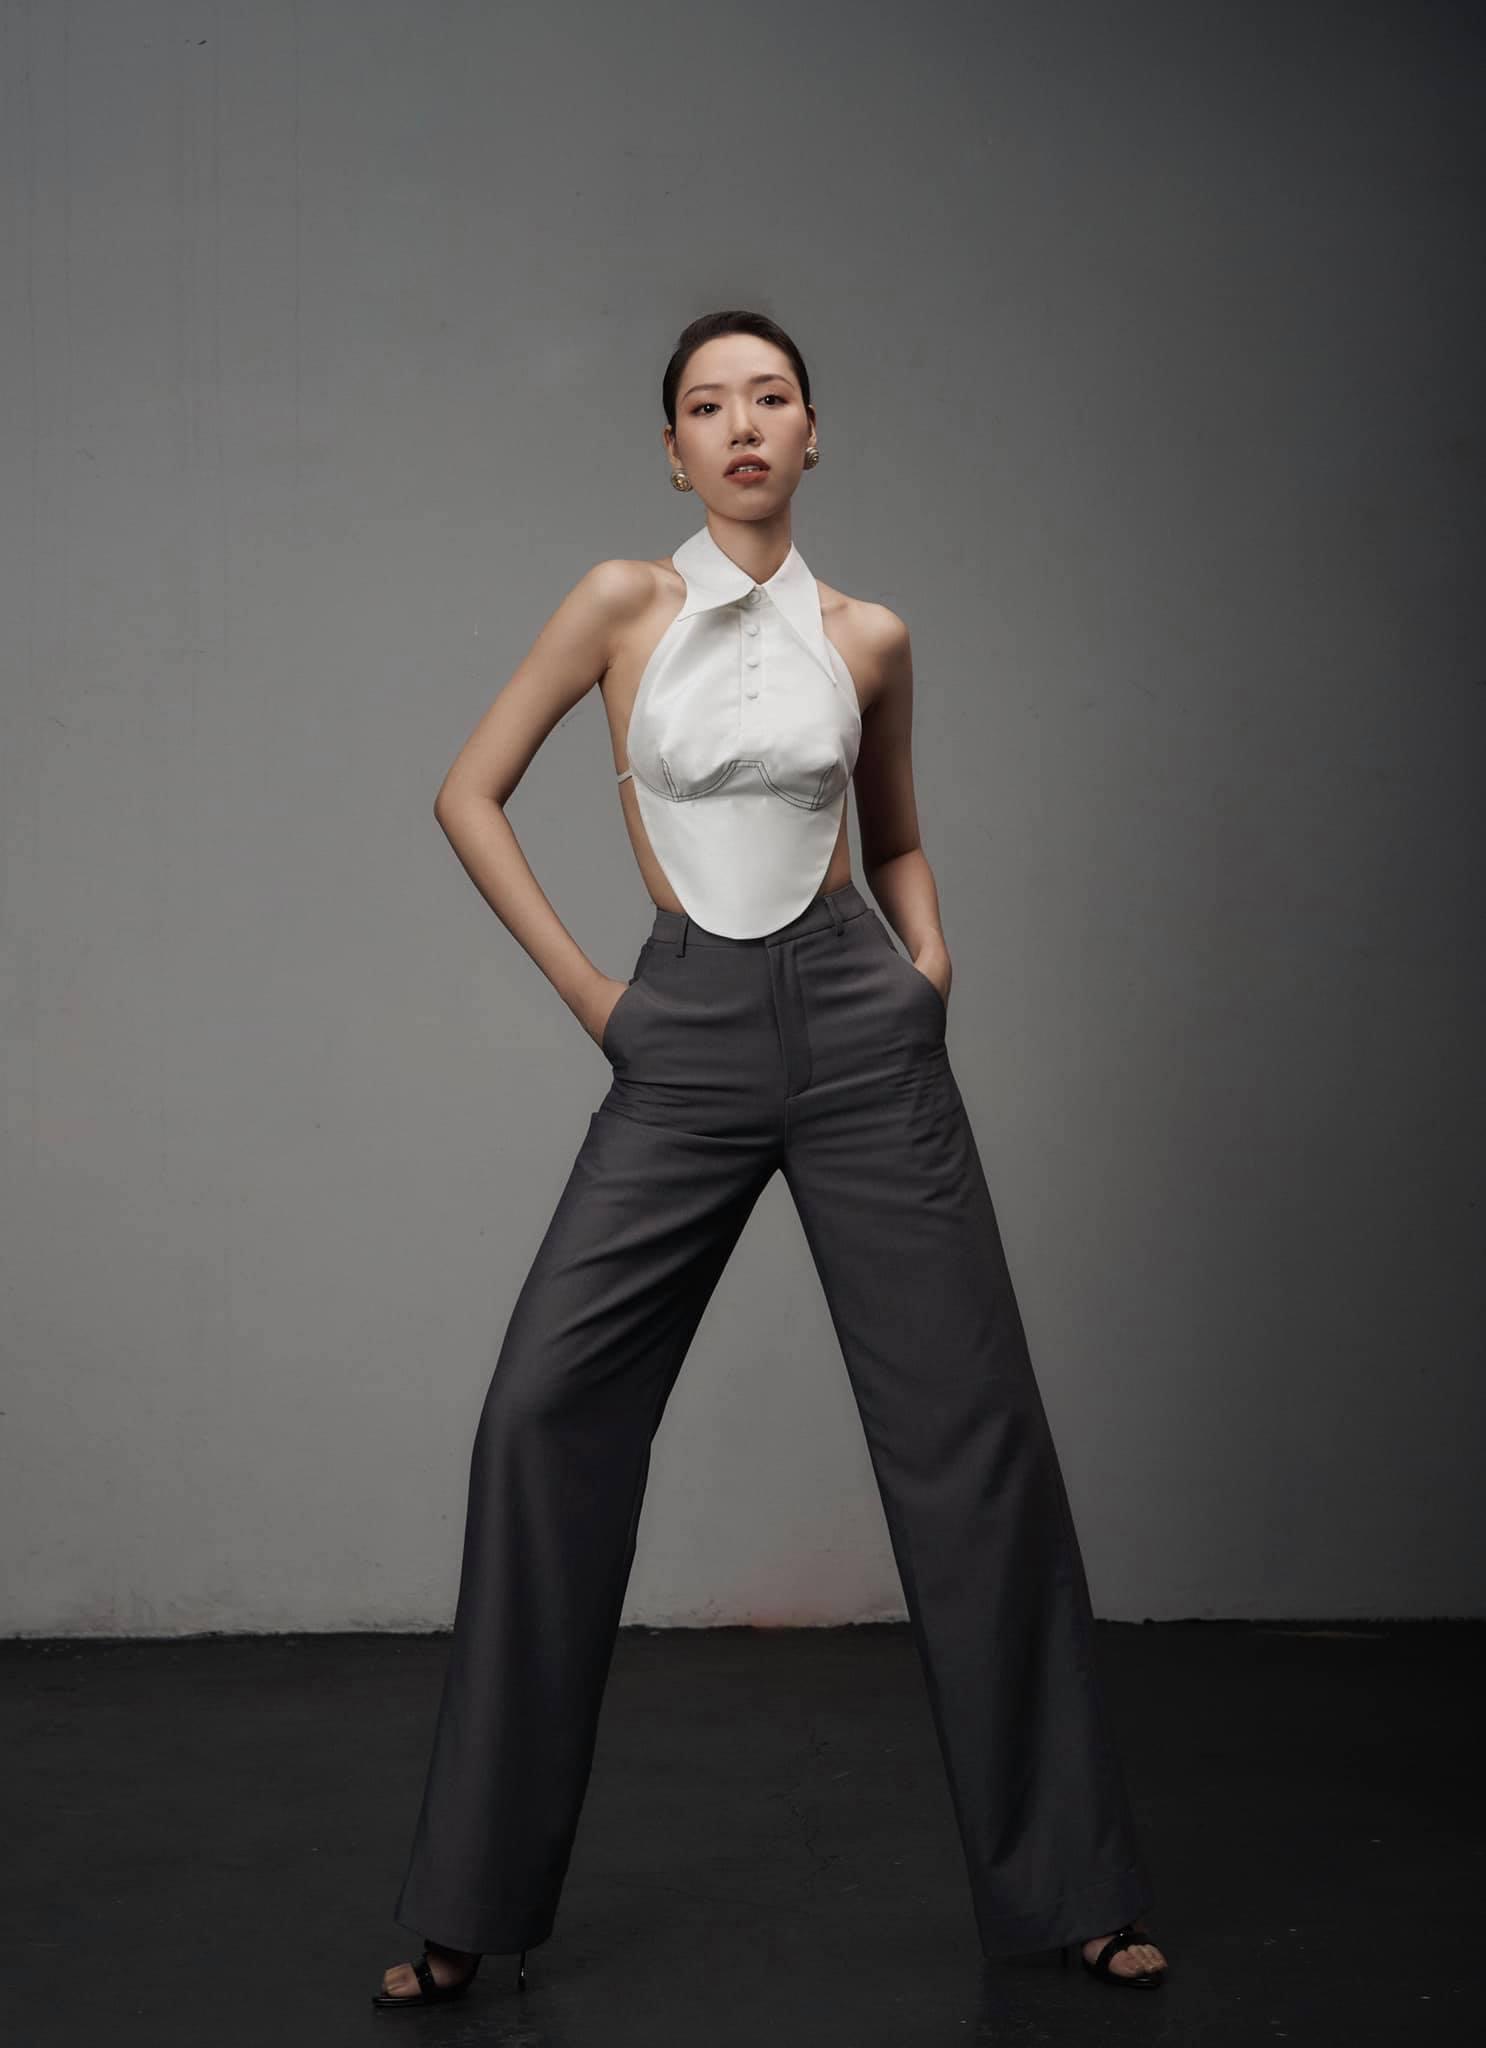 Áo yếm thiên nga lộ nửa người của nhà thiết kế có body gợi cảm nhất làng mốt Việt - 1